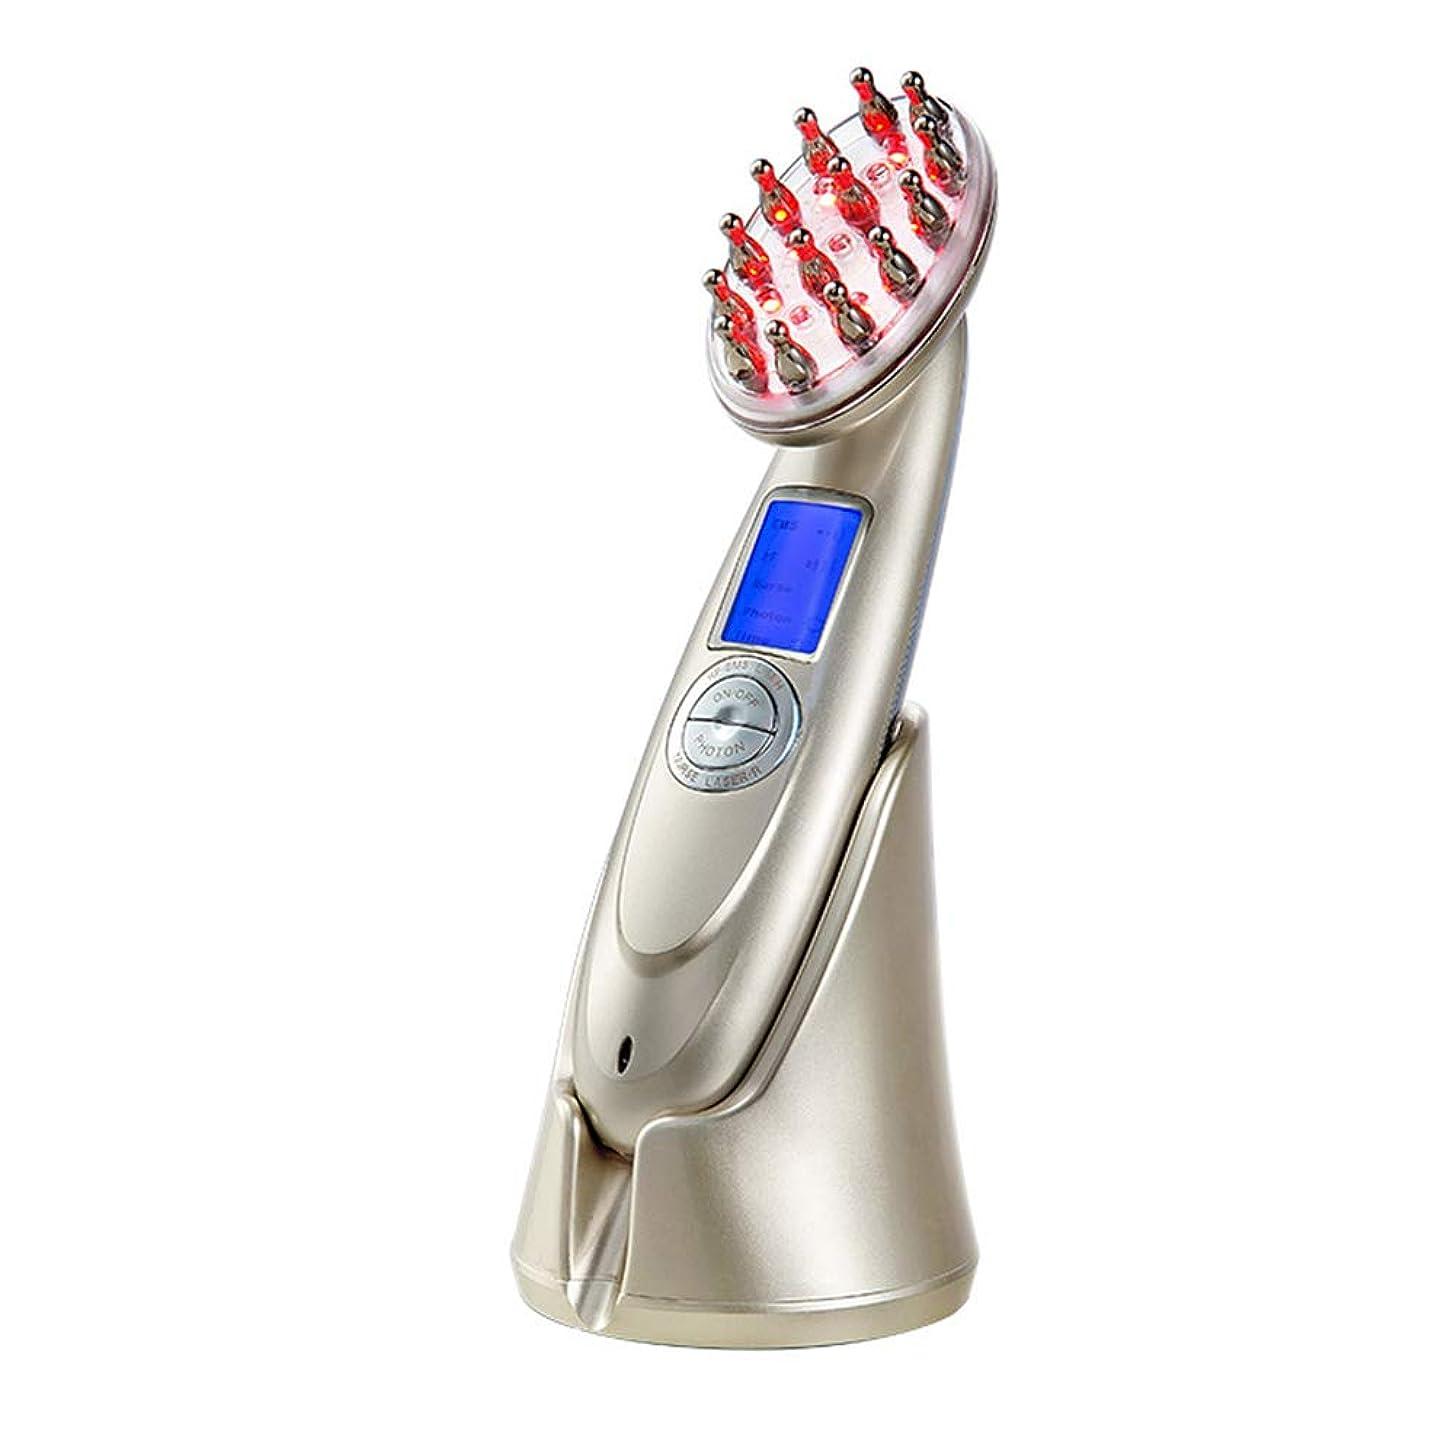 ランク縫い目目的高出力レーザーマッサージ櫛ソフトレーザーRF RF EMS電気楽器マッサージヘッド抗抜け毛防止器具